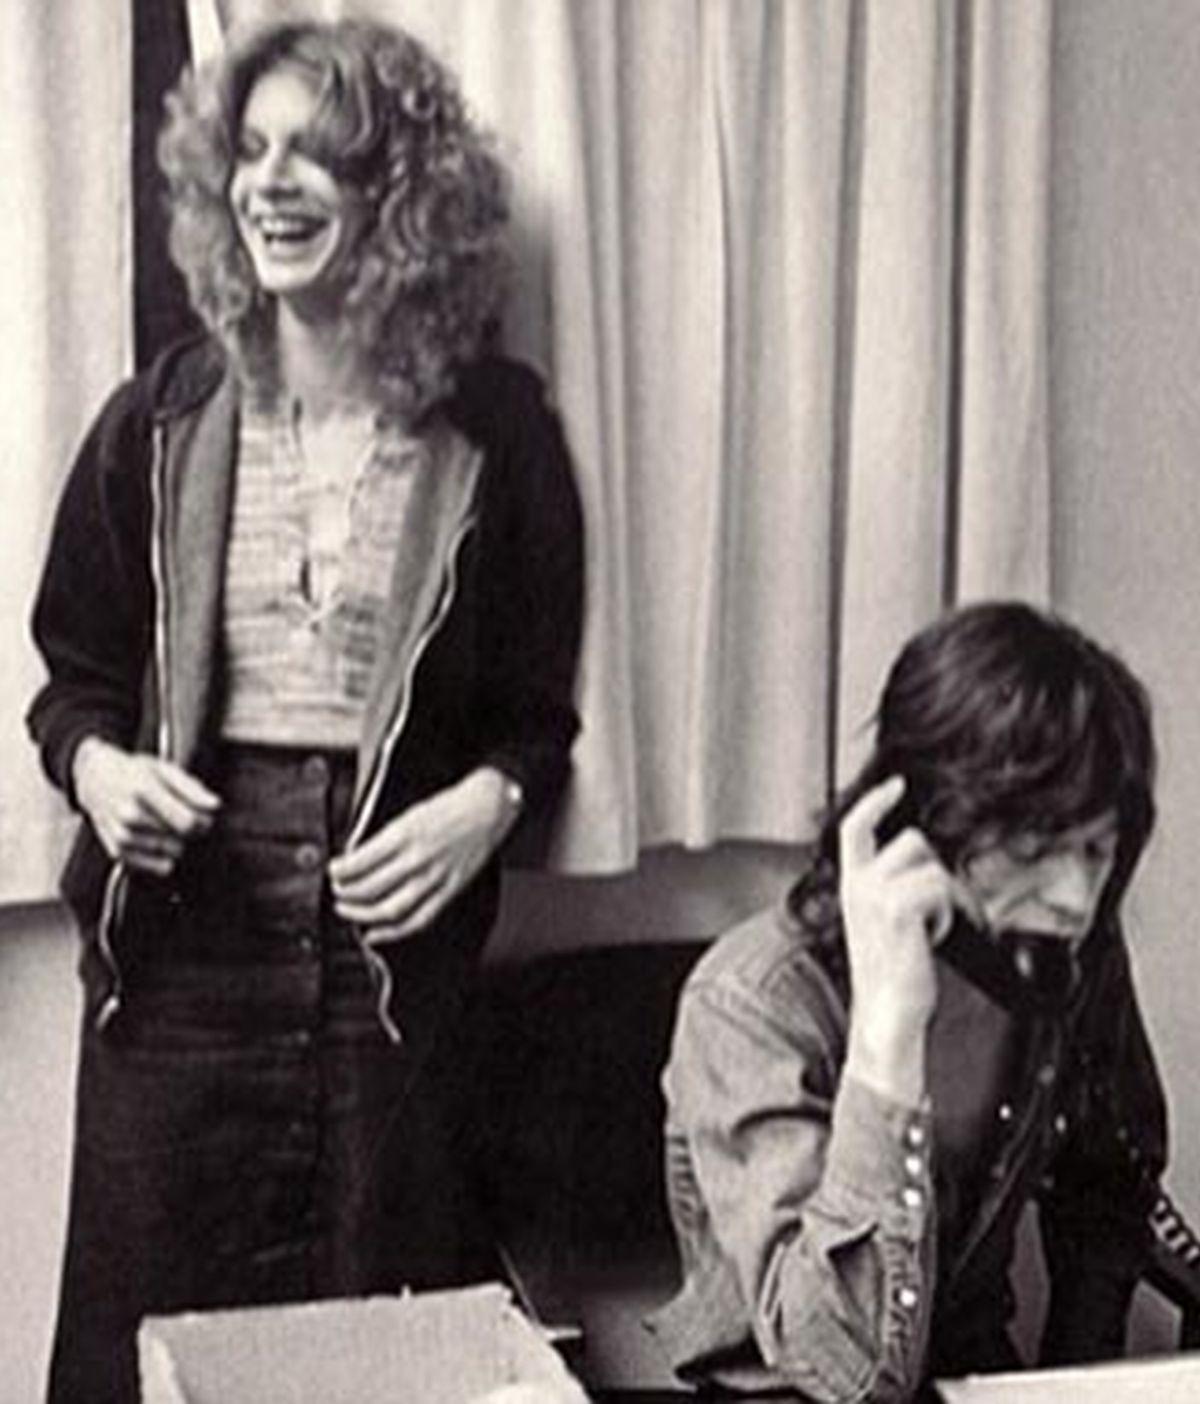 """Chris O'Dell, la grouppie más famosa de la historia de los años 70 cuenta en una autobiografía los años de """"sexo, droga y rock & roll"""". En la foto, junto a Mick Jagger con el que mantuvo una relación amorosa."""